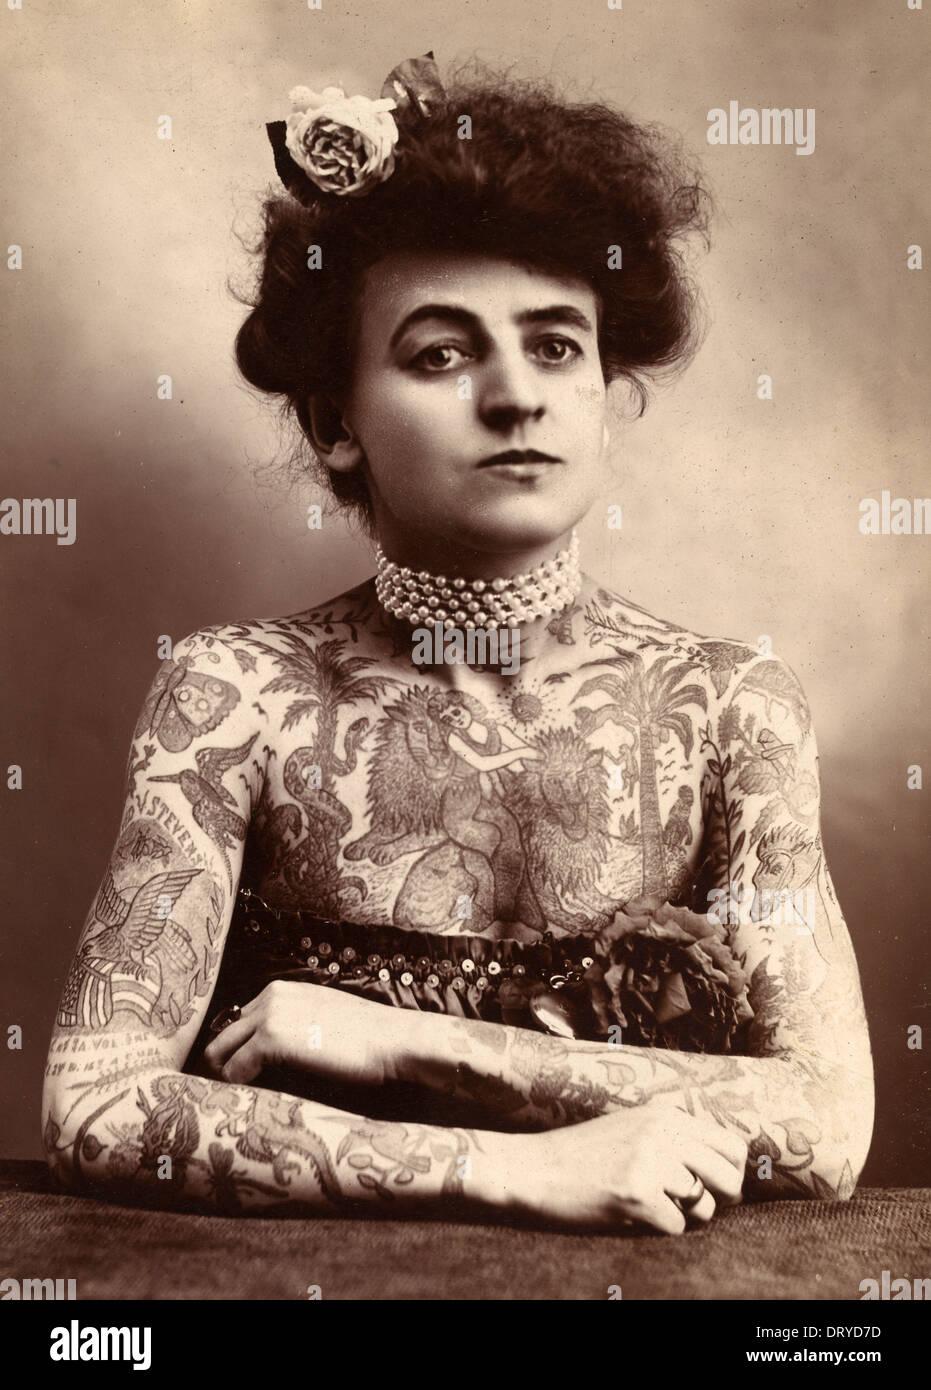 Dame femme tatouée, avec des tatouages couvrant son corps Photo Stock